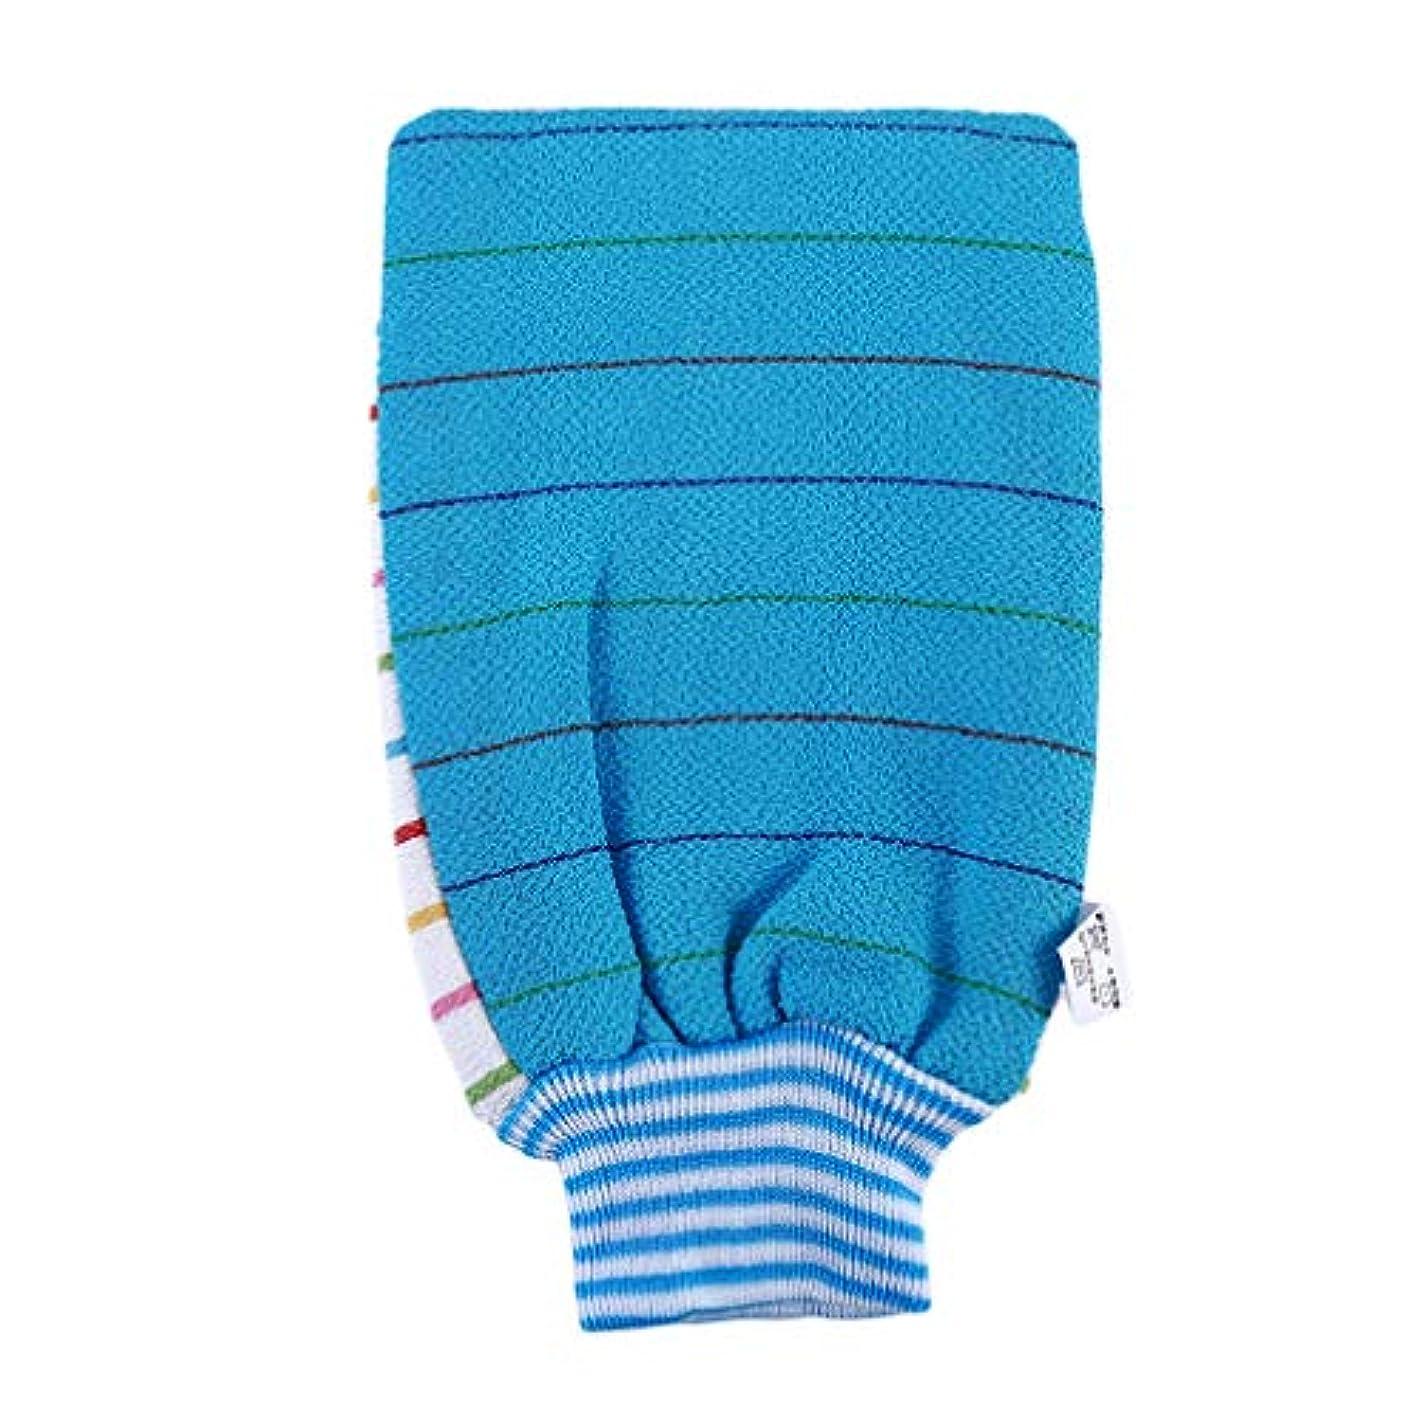 緩やかな変装したに勝る虹色蝶々 浴用手袋 ボディ手袋 ボディタオル 毛穴清潔 角質除去 入浴用品 垢すり手袋 泡立ち 男女兼用 バス用品 青色